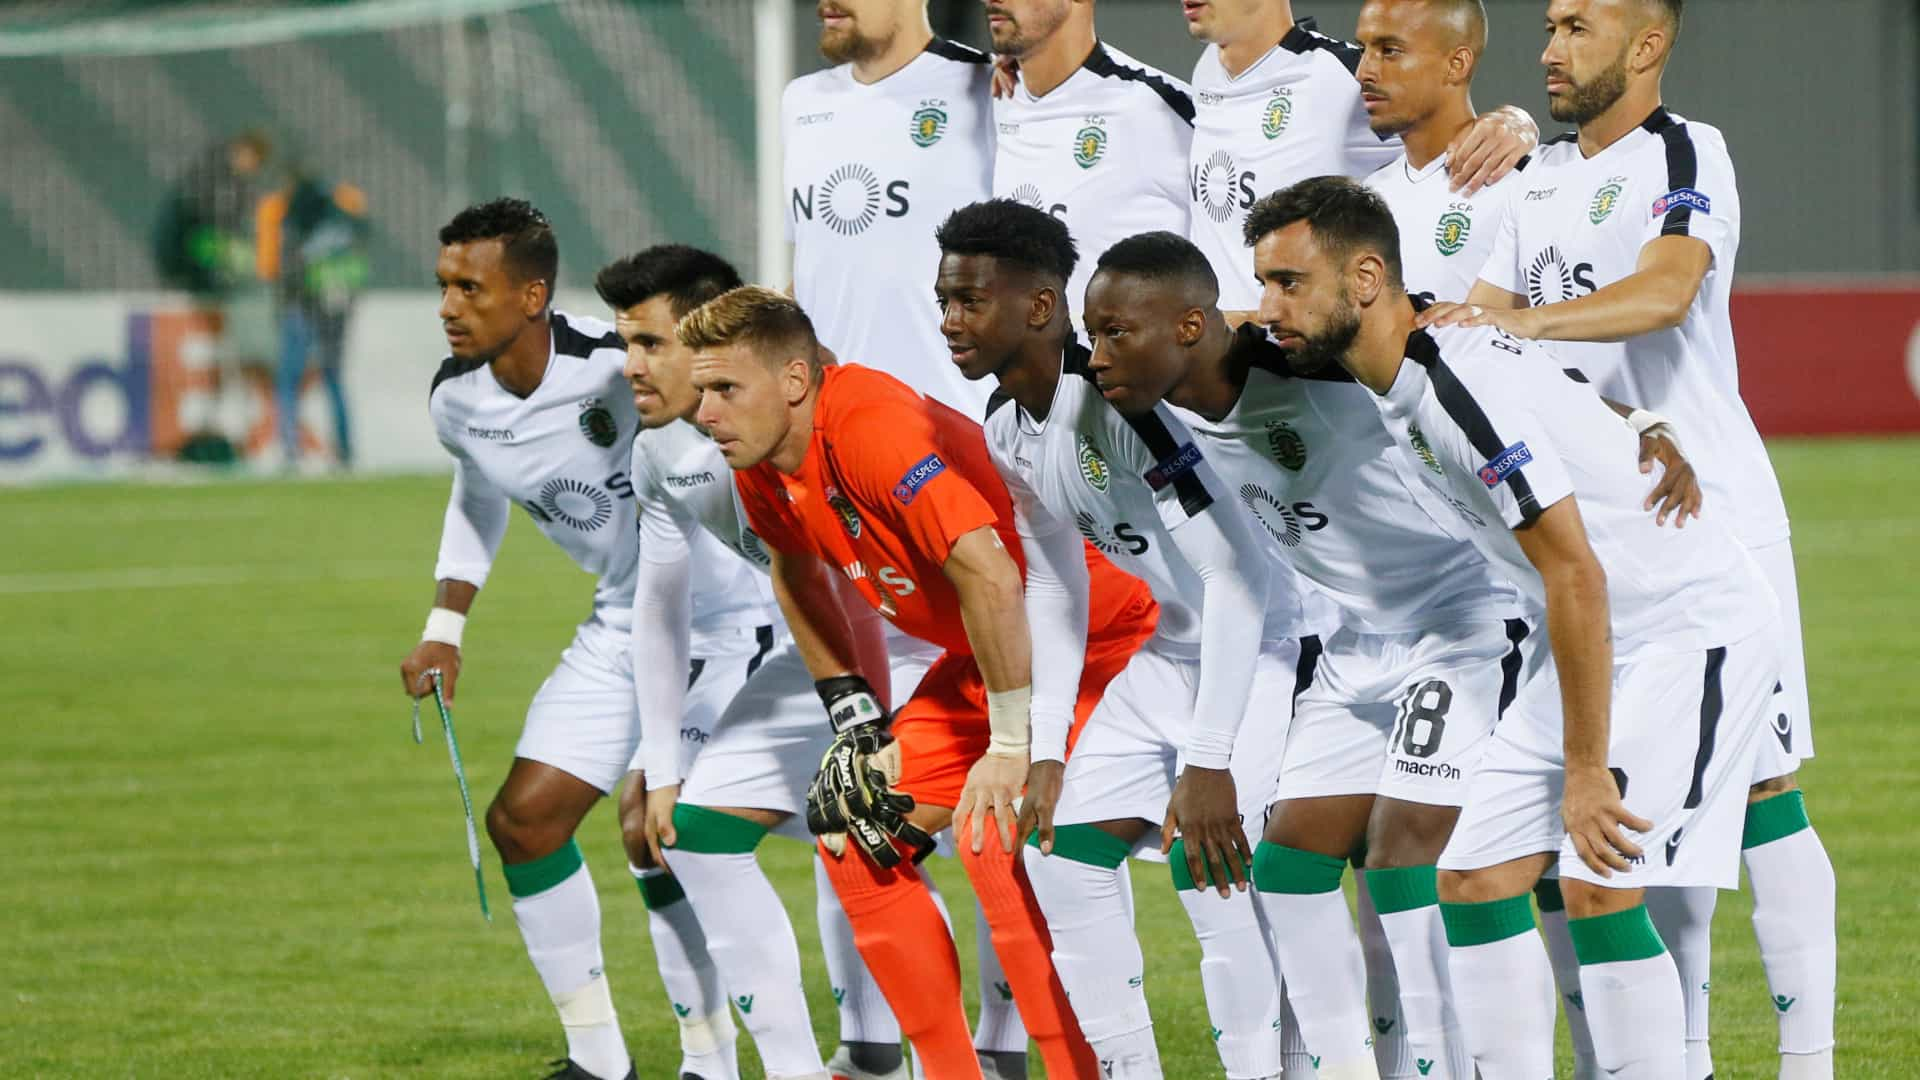 Sporting recorre ao branco e utiliza equipamento inédito na Ucrânia